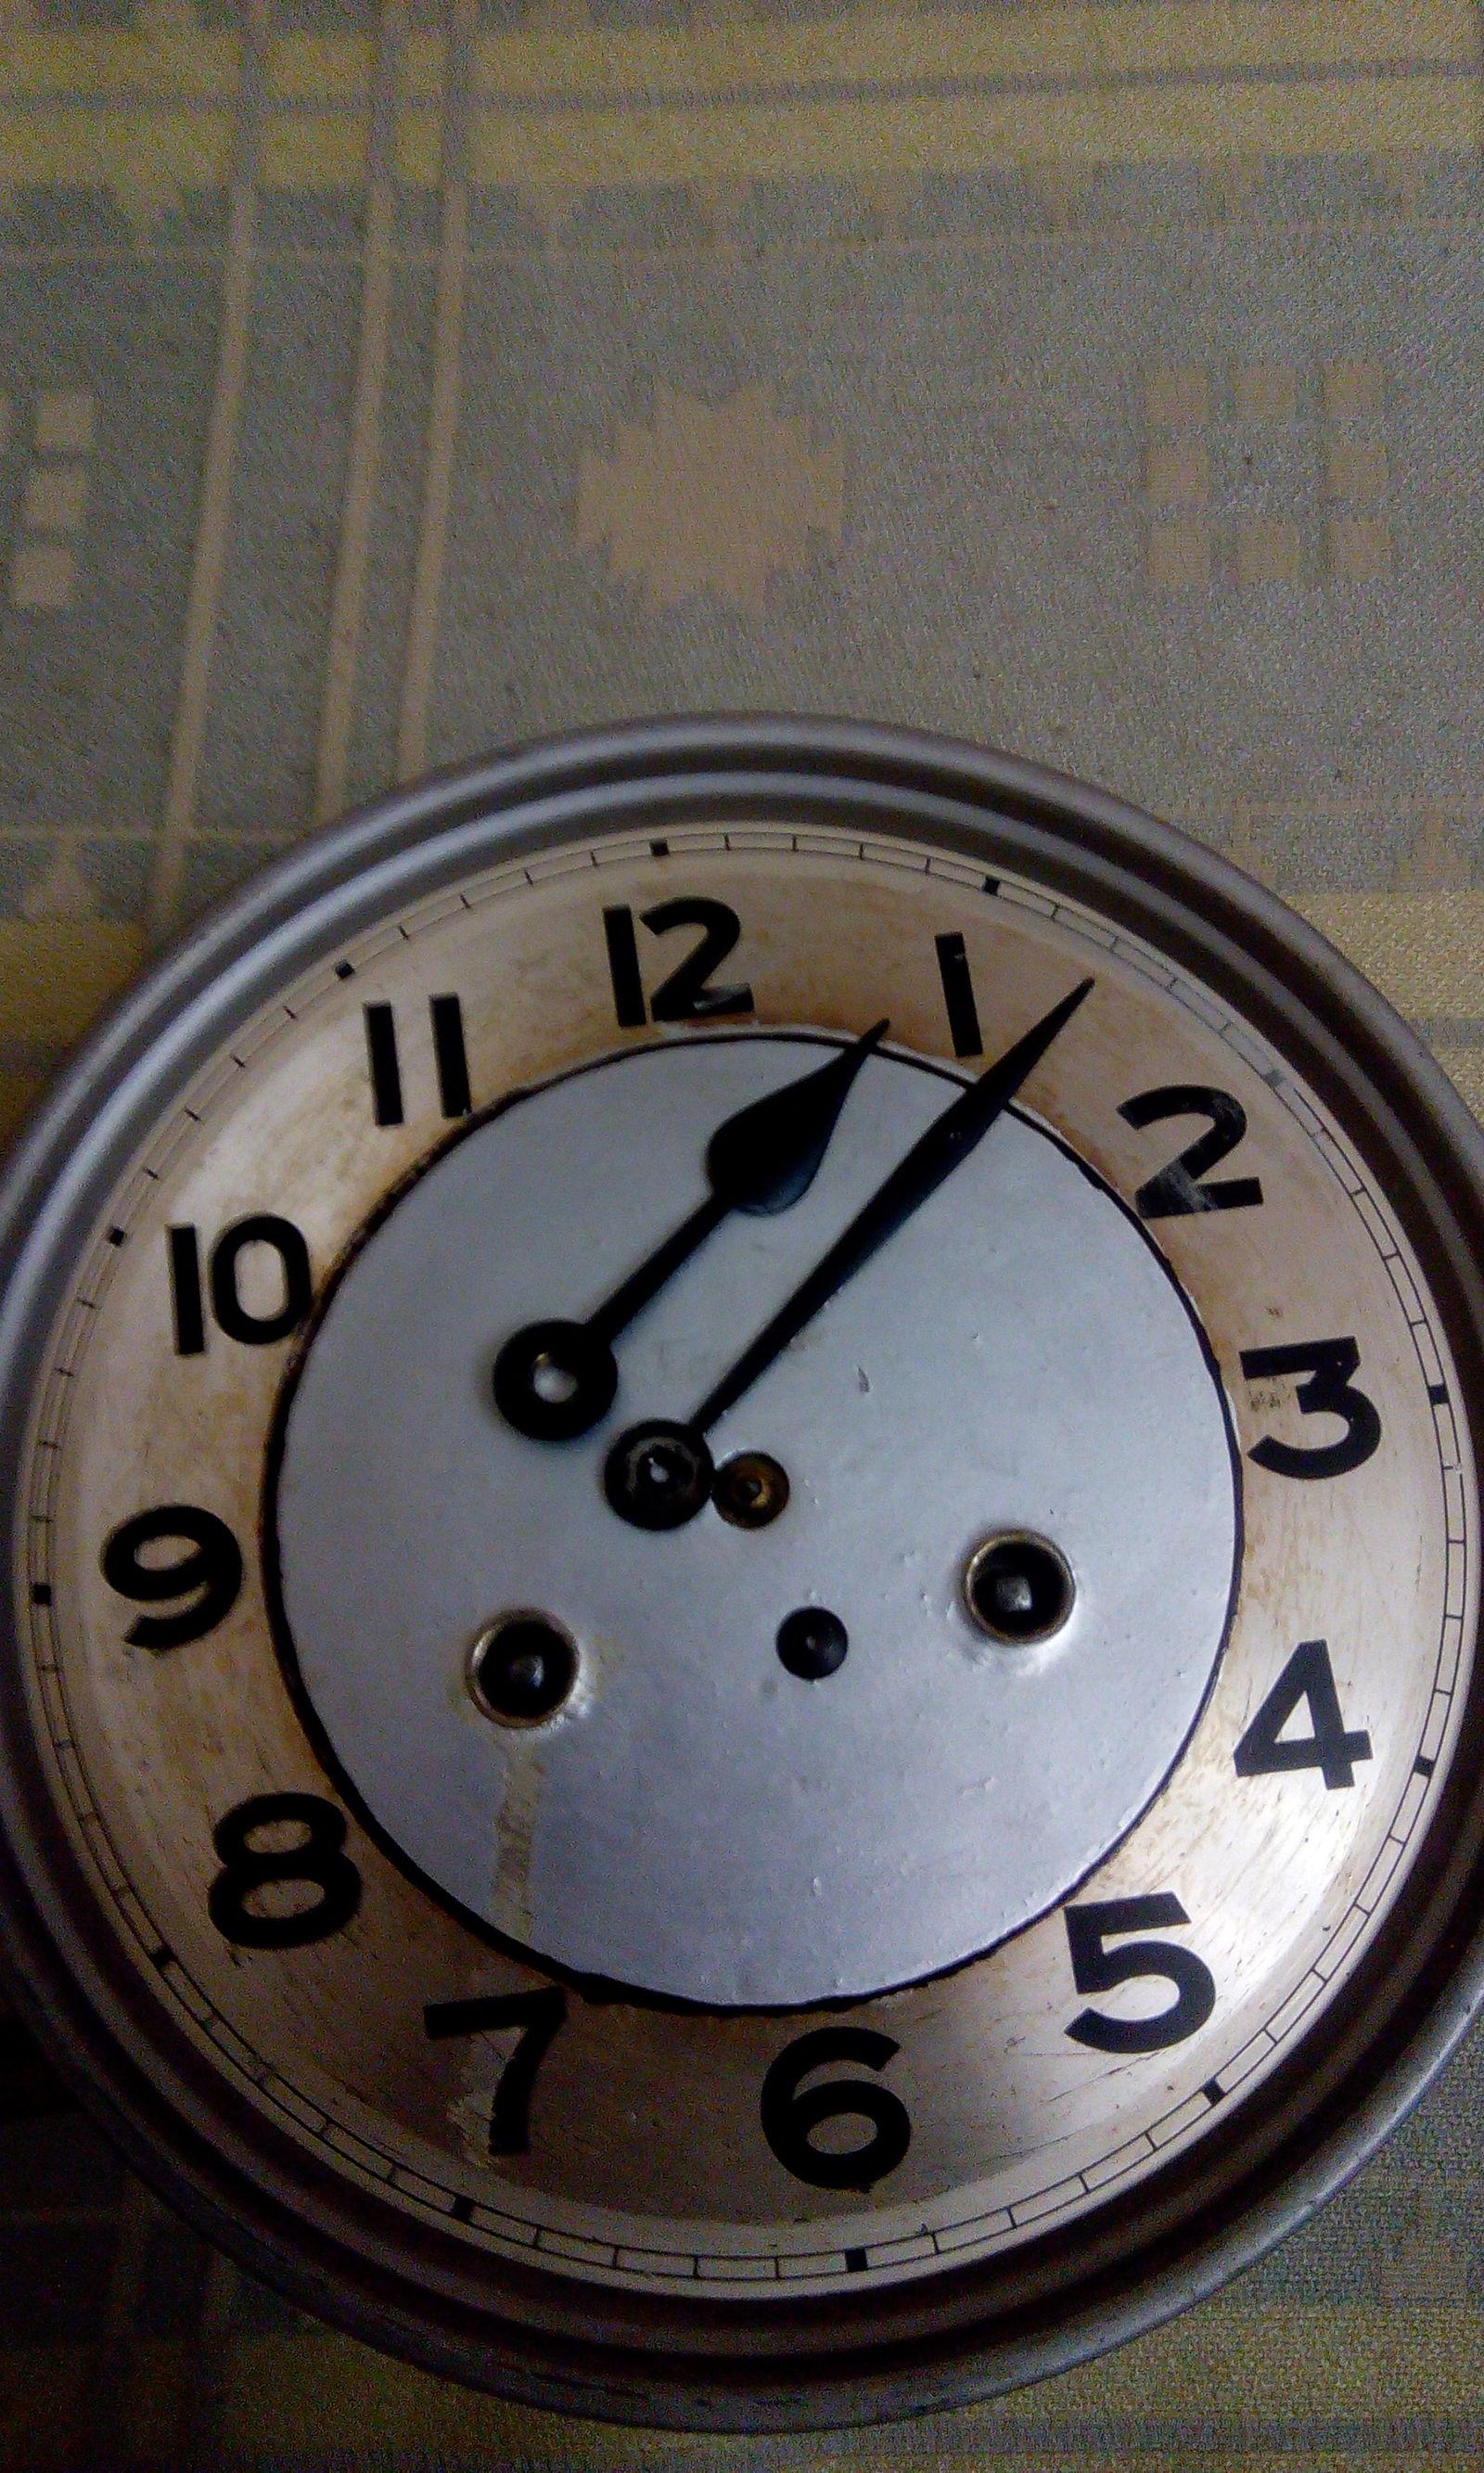 Правильно часы ремонт в сдать как в в час квт 1 иркутске стоимость